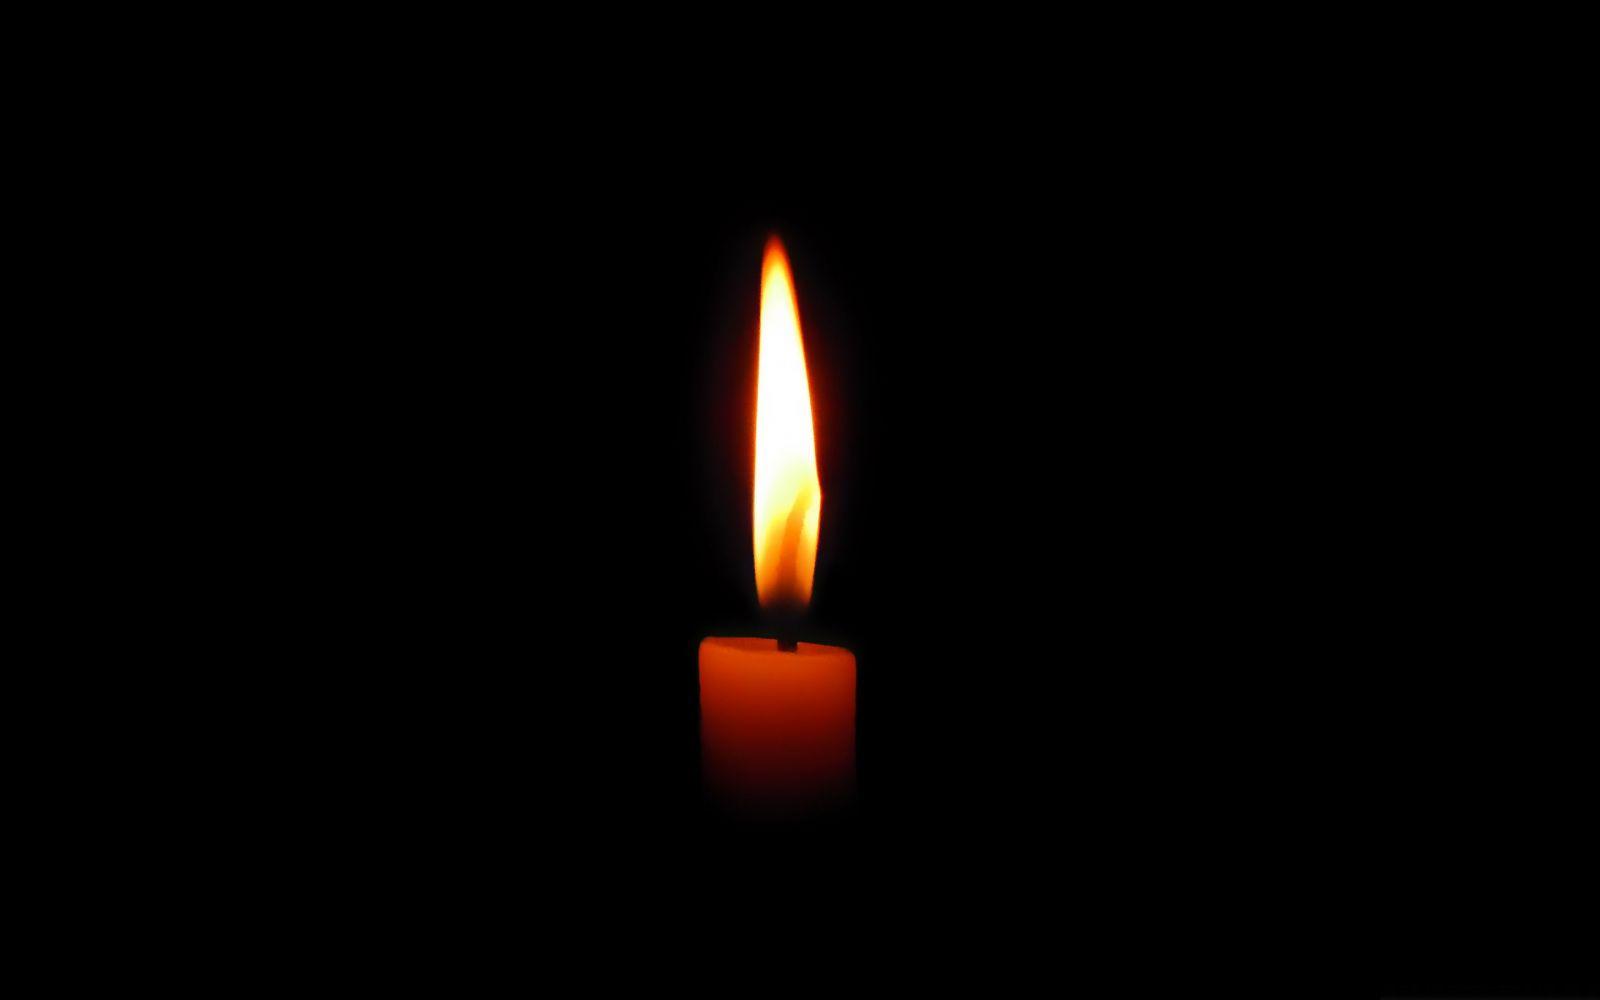 ВХарькове автомобиль разнесло обэлектроопору: погибли иностранцы